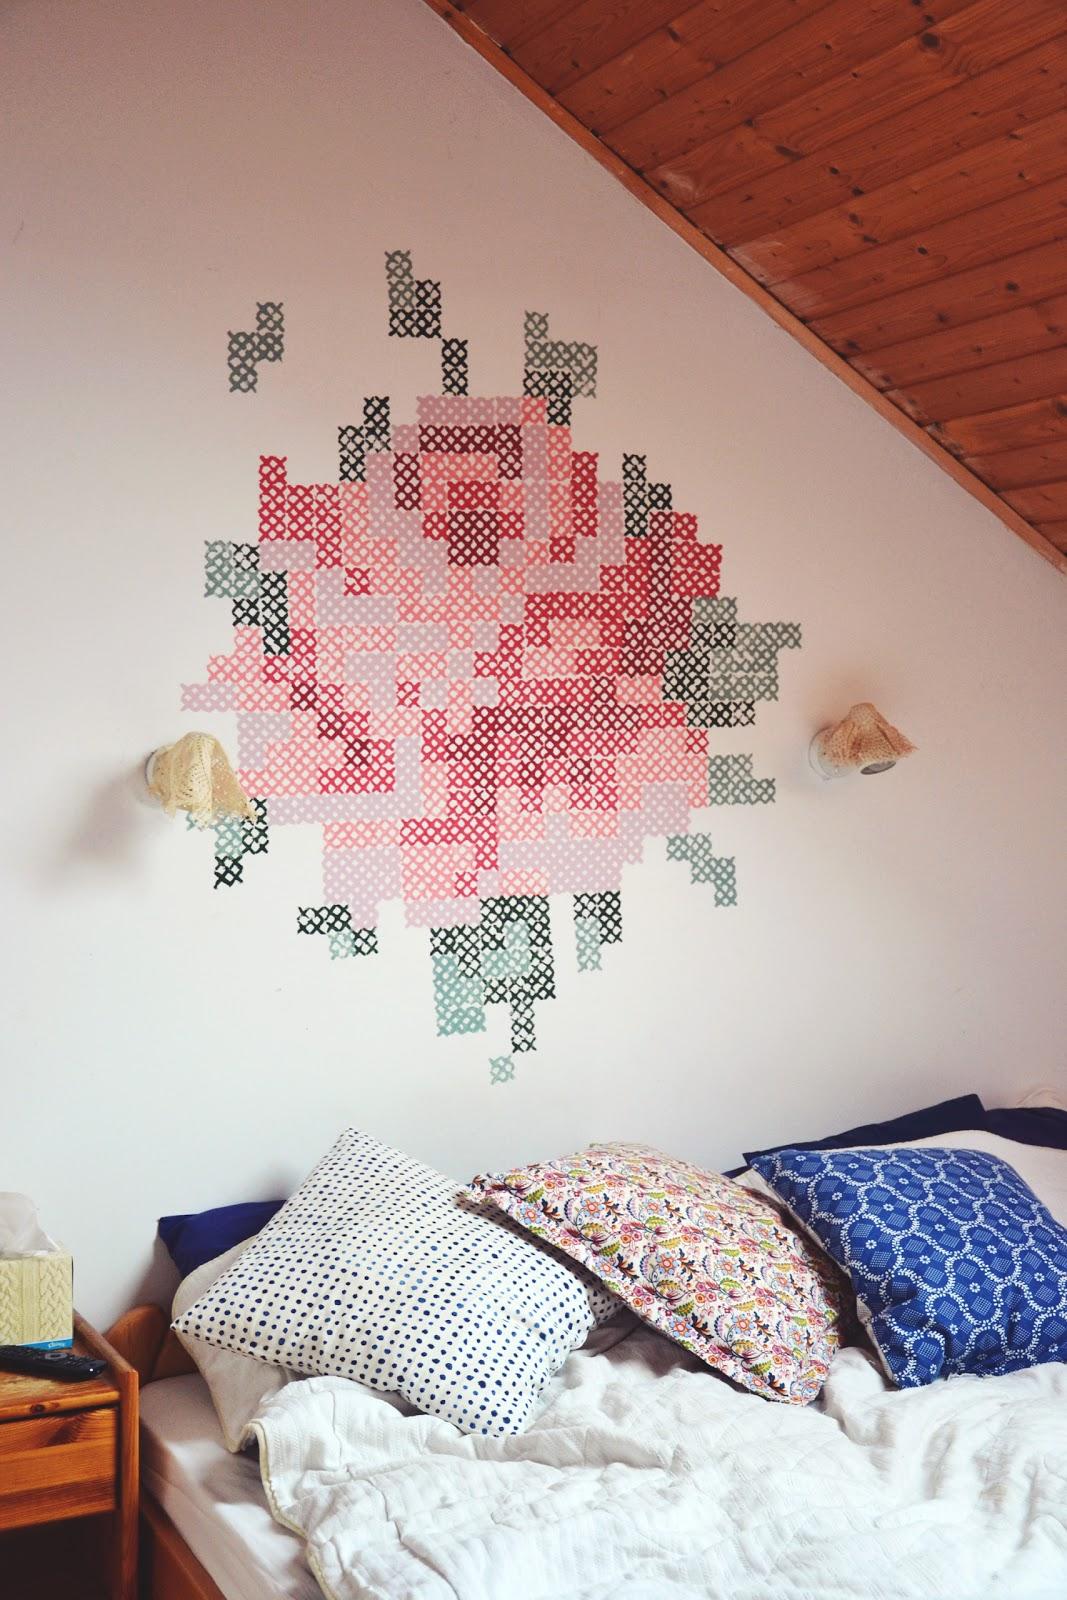 DIY floral mural